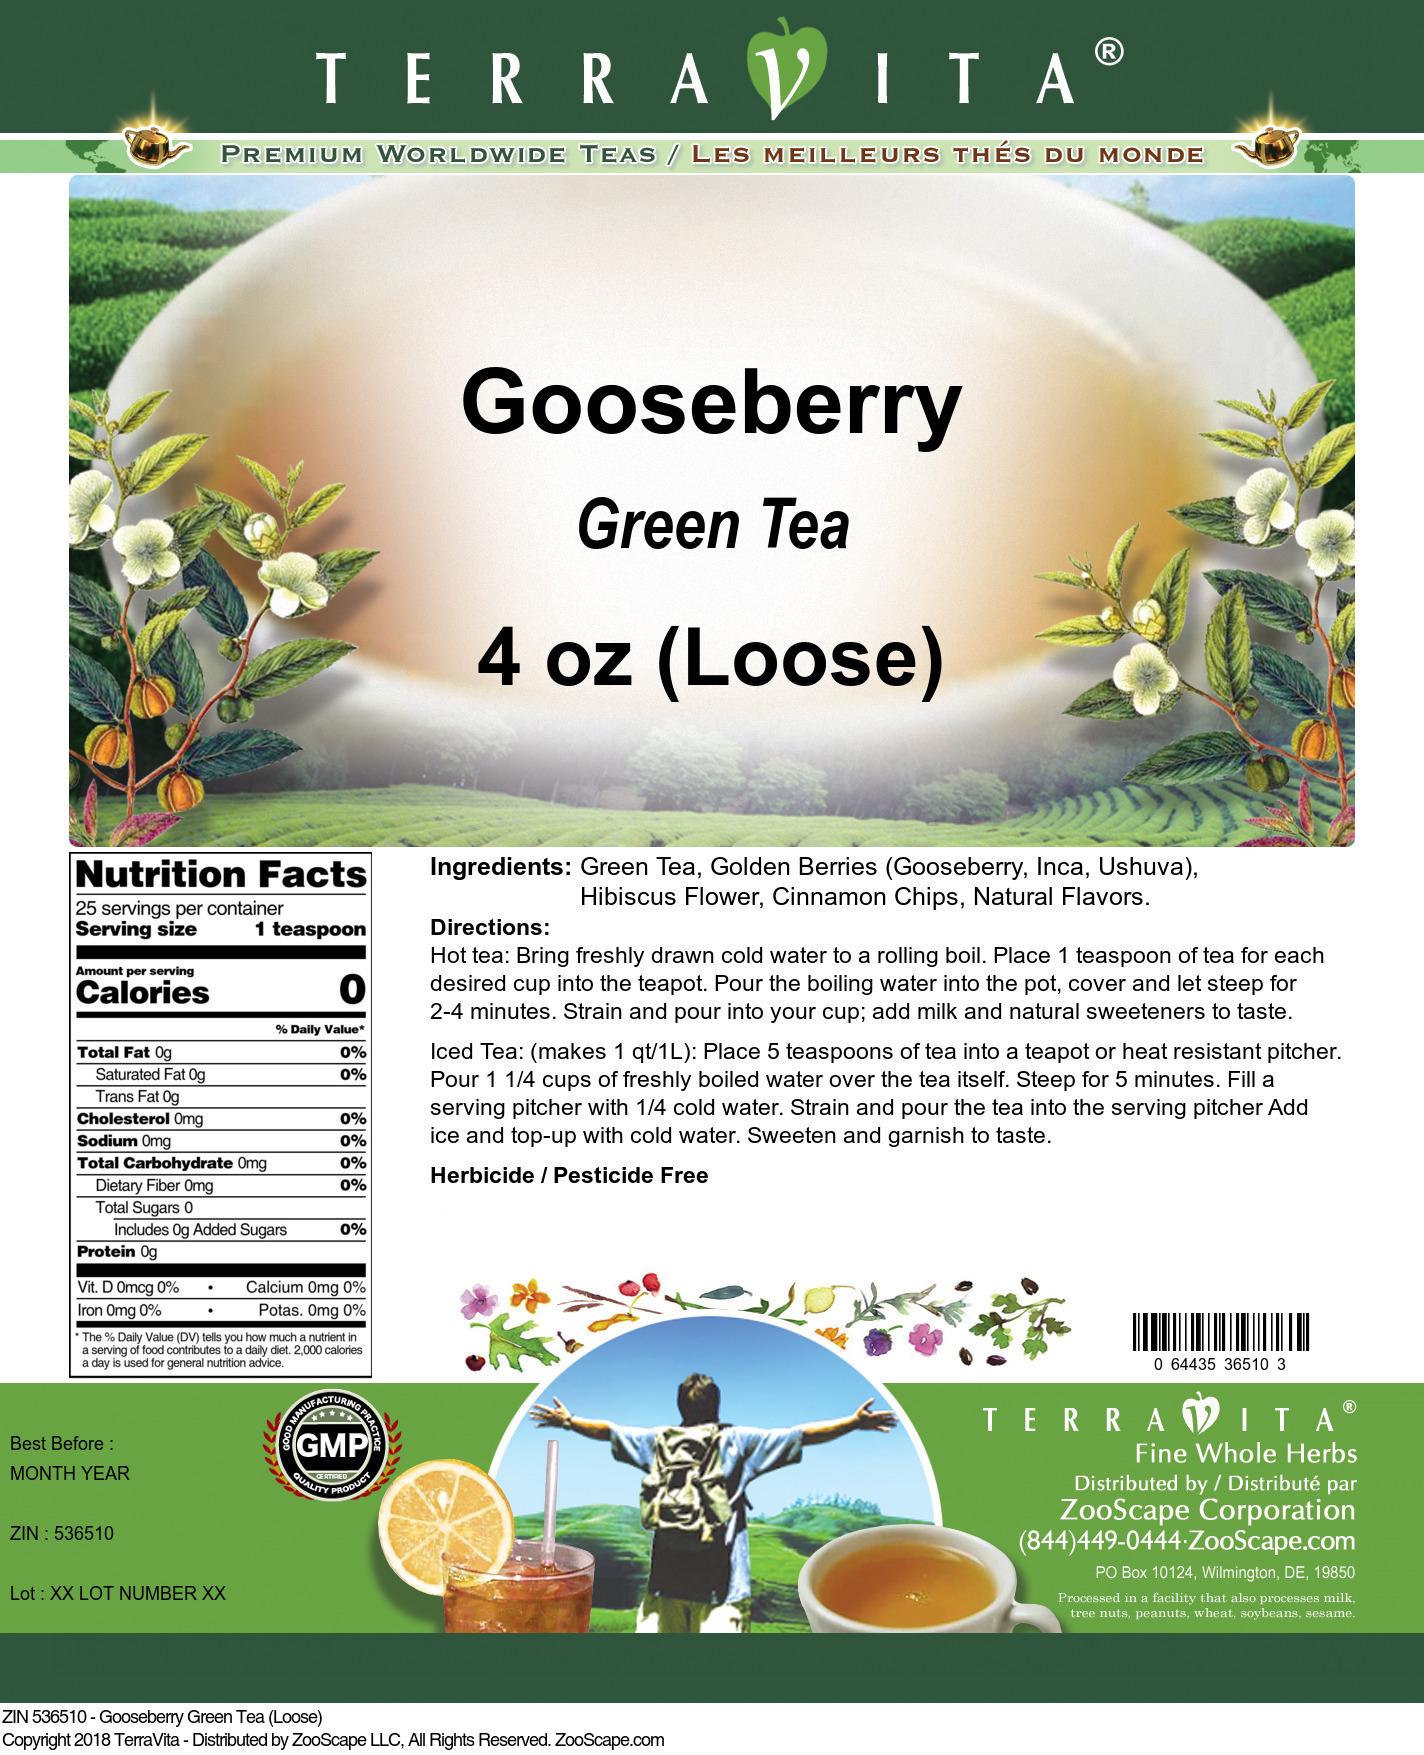 Gooseberry Green Tea (Loose)